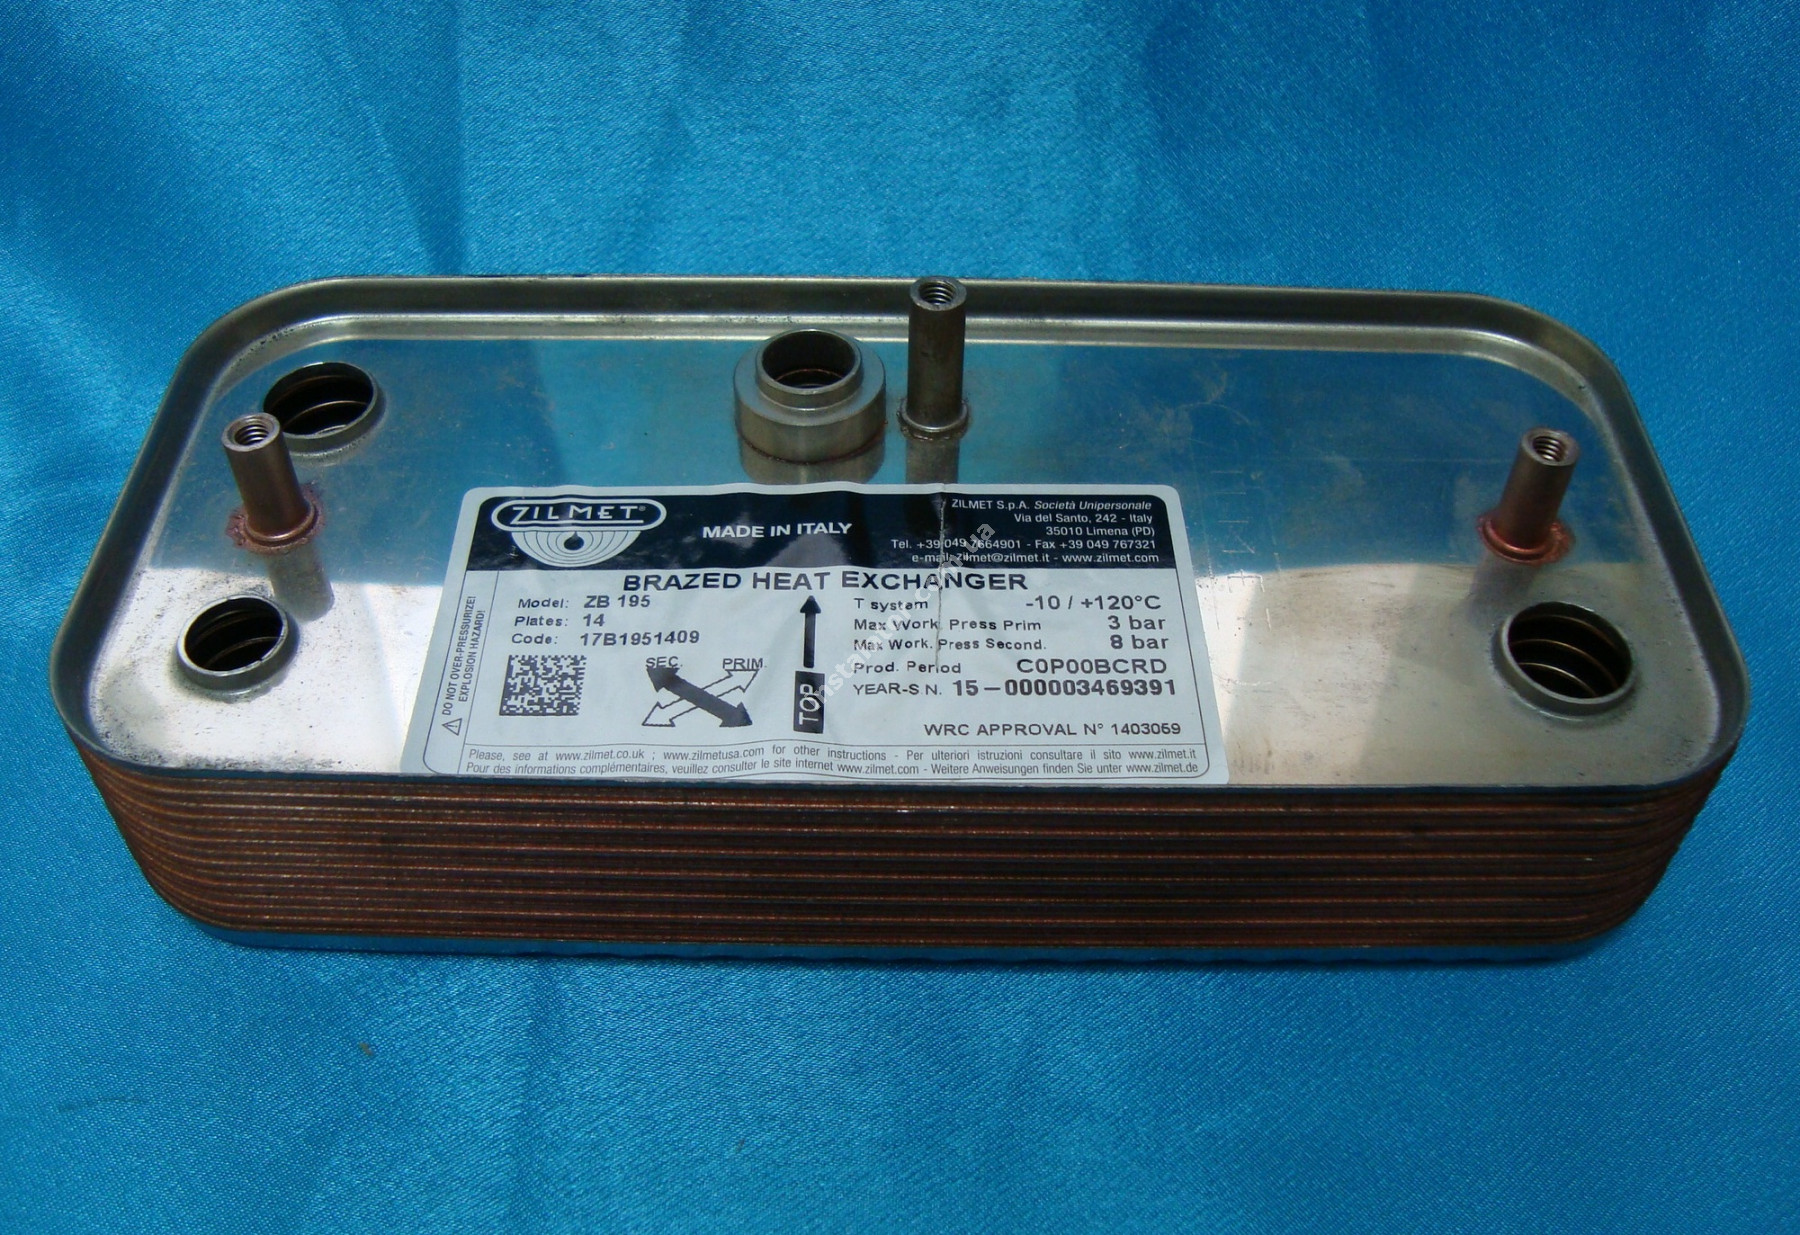 17B1951409 Теплообмінник вторинний Zilmet /SIME Format. Zip BF 14 пластин  full-image-0